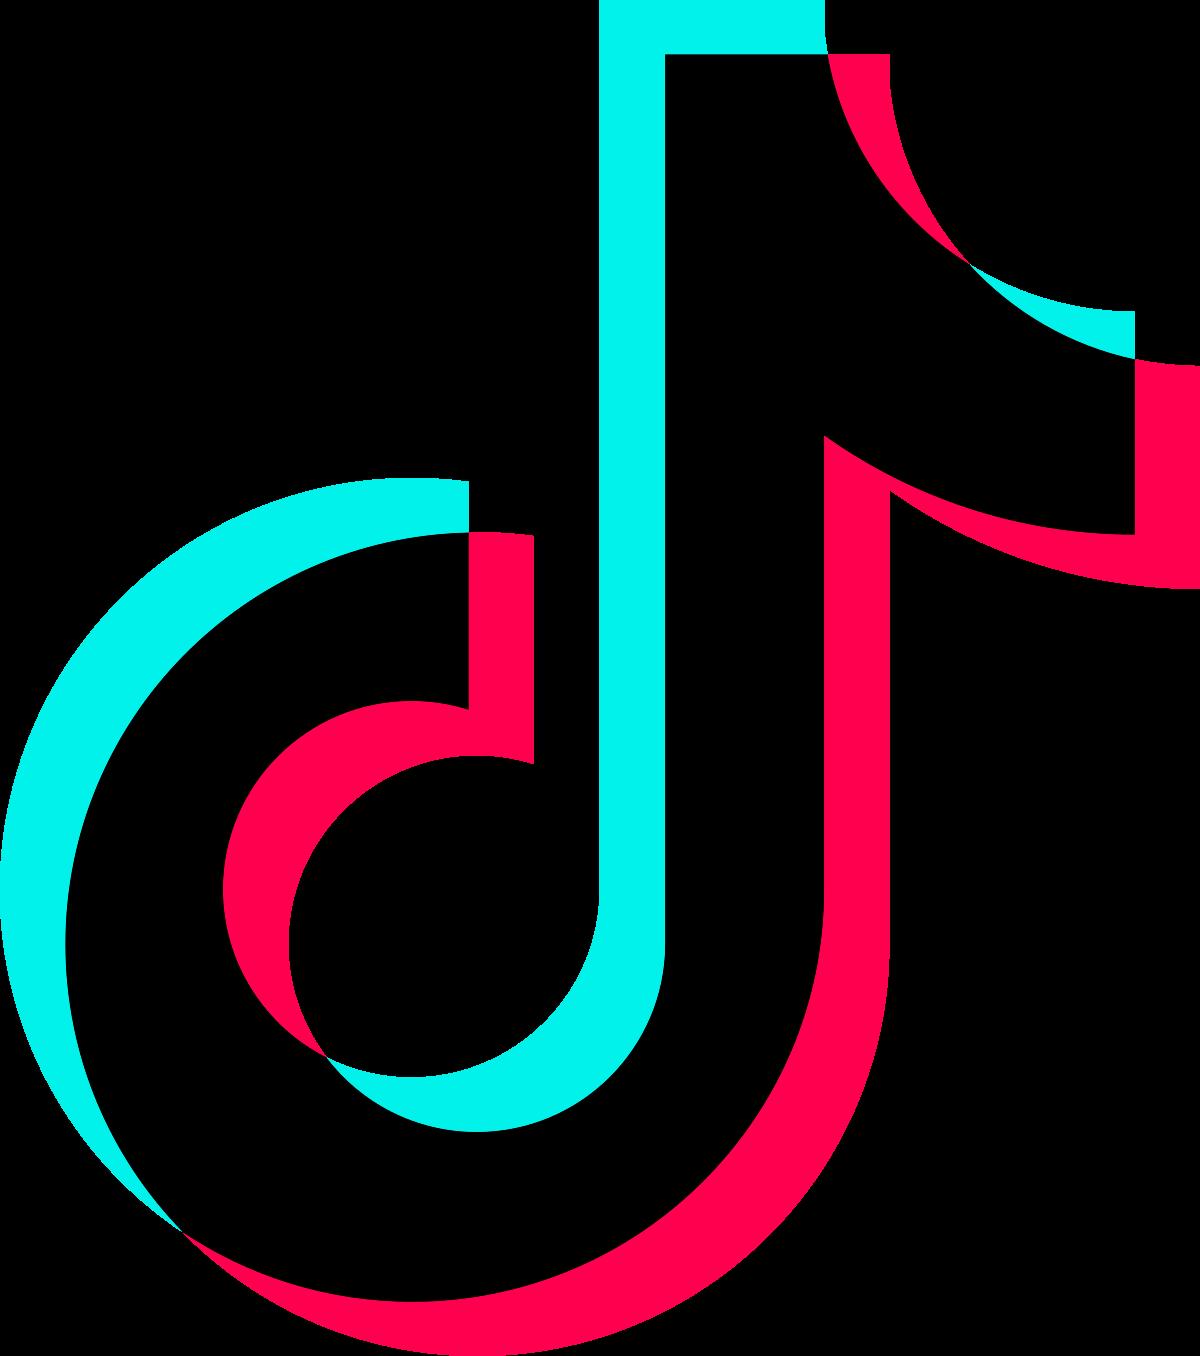 Pin De Jai Musicista En Cgr 105 Logos Fondo De Pantalla De Niños Imagenes De Fondo Whatsapp Imagenes De Gorillaz